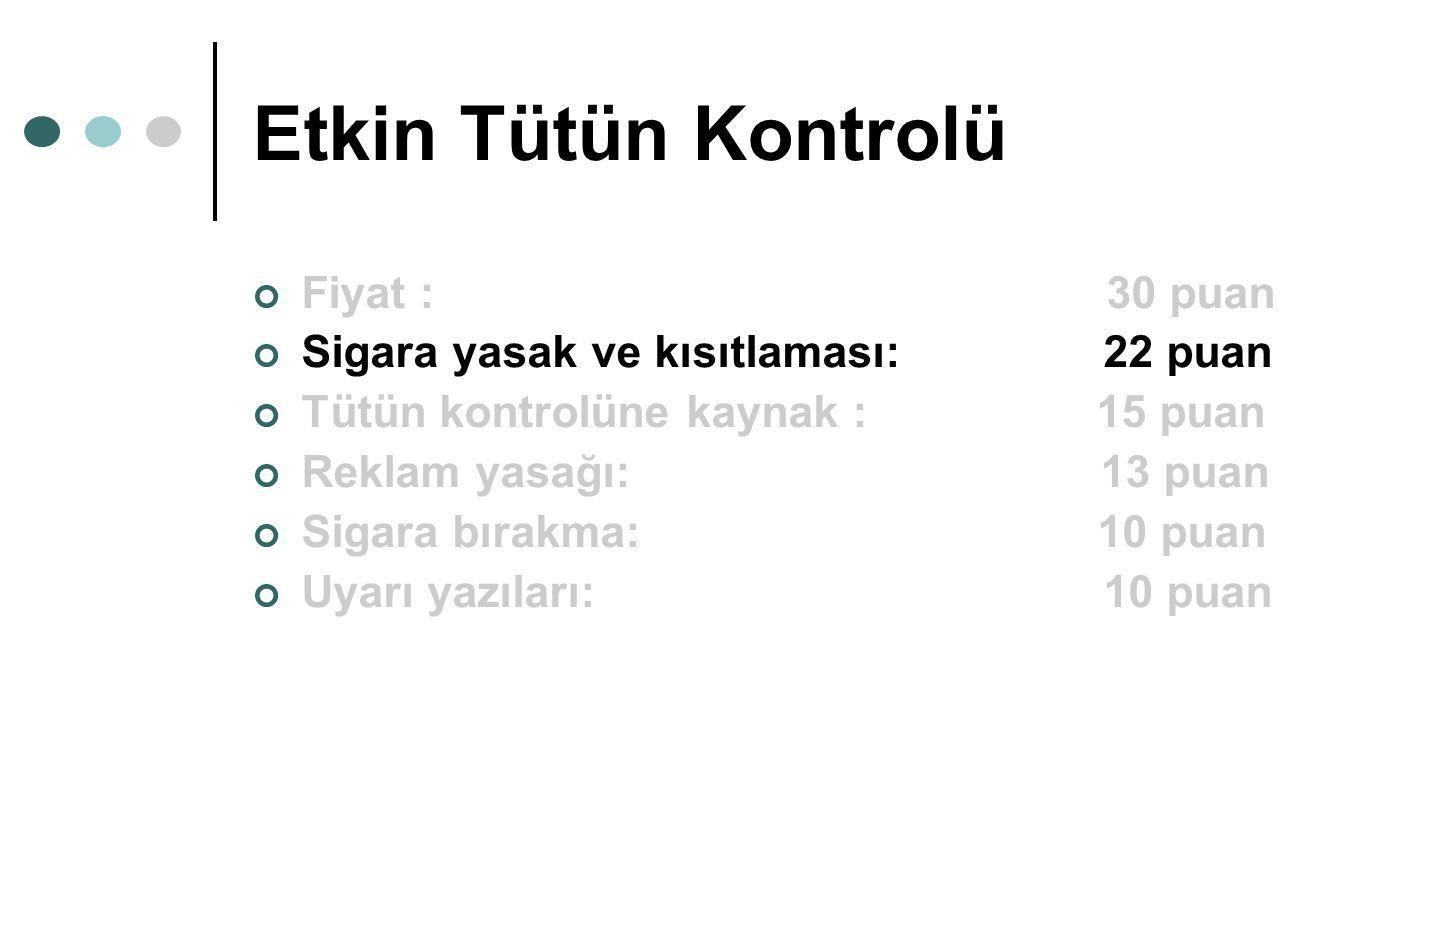 Etkin Tütün Kontrolü Fiyat : 30 puan Sigara yasak ve kısıtlaması: 22 puan Tütün kontrolüne kaynak : 15 puan Reklam yasağı: 13 puan Sigara bırakma: 10